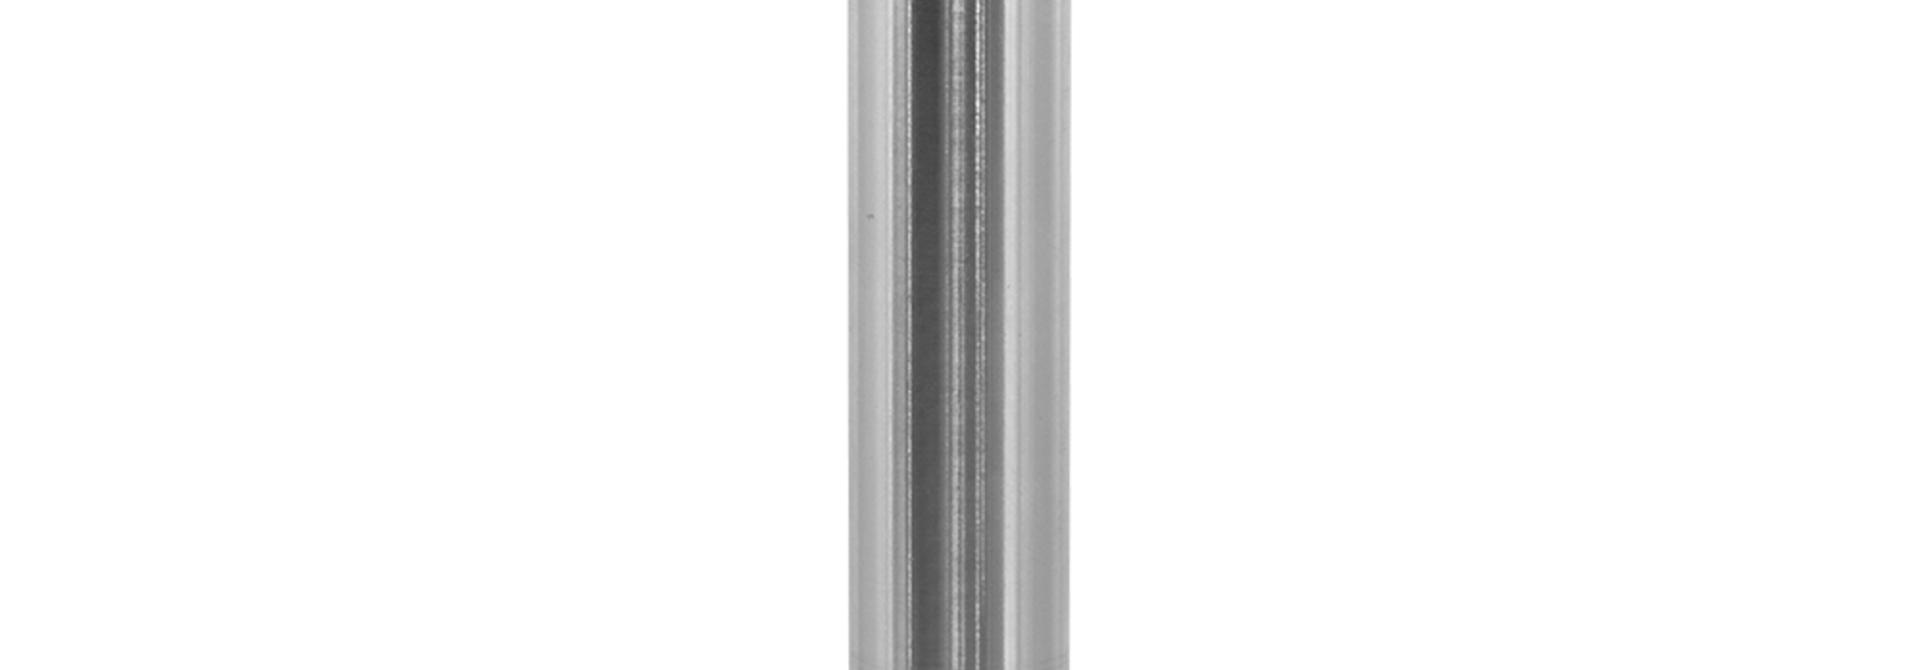 I9 Hydra Axles, Front 110mm Rev A